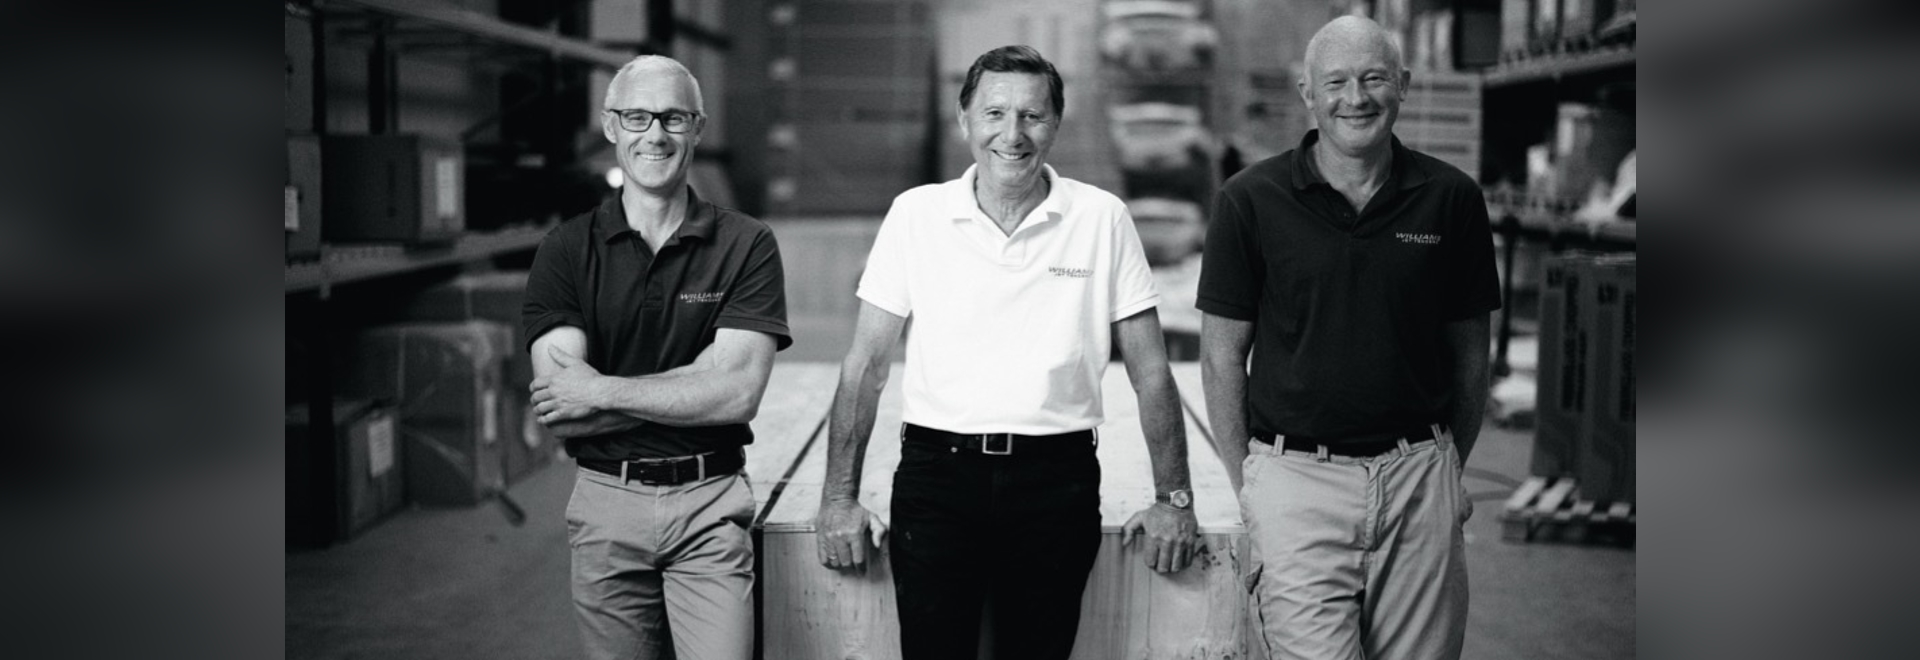 Williams Jet Tenders startet seine 10.000ste Ausschreibung